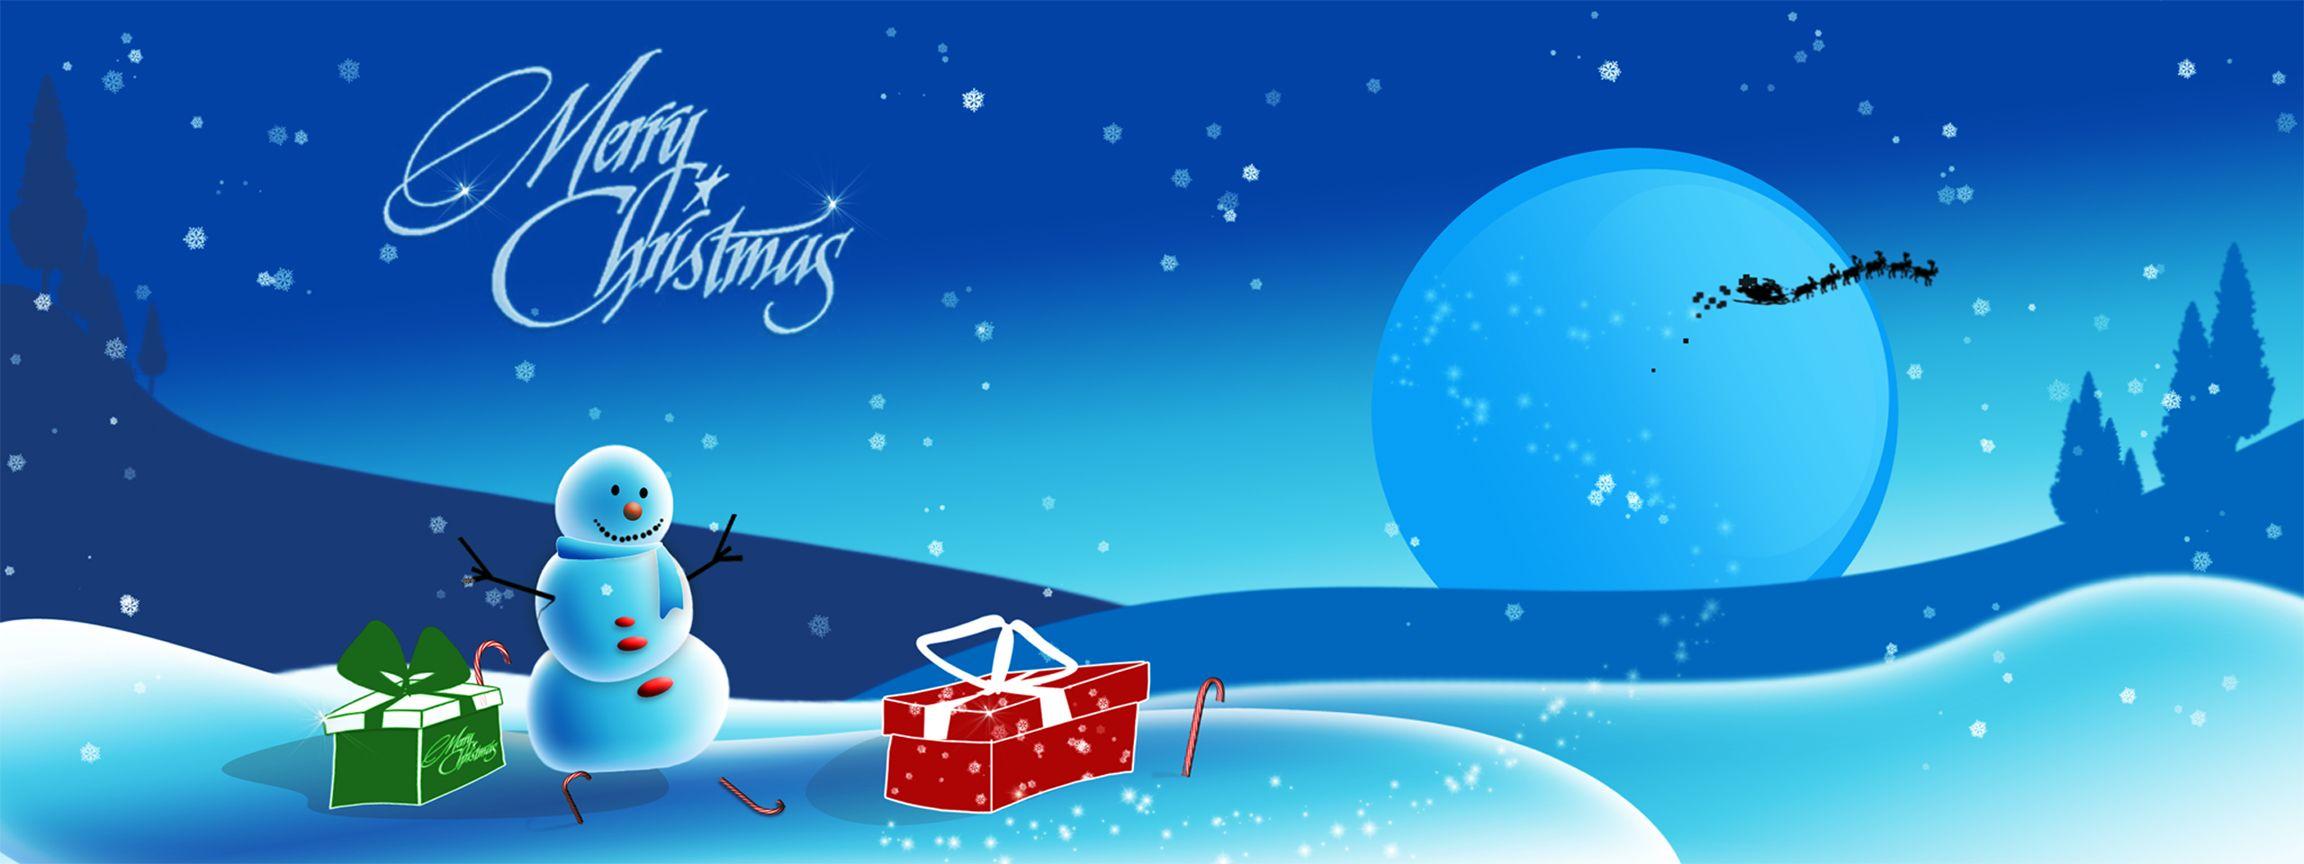 widescreen christmas desktop wallpaper | coisas para usar